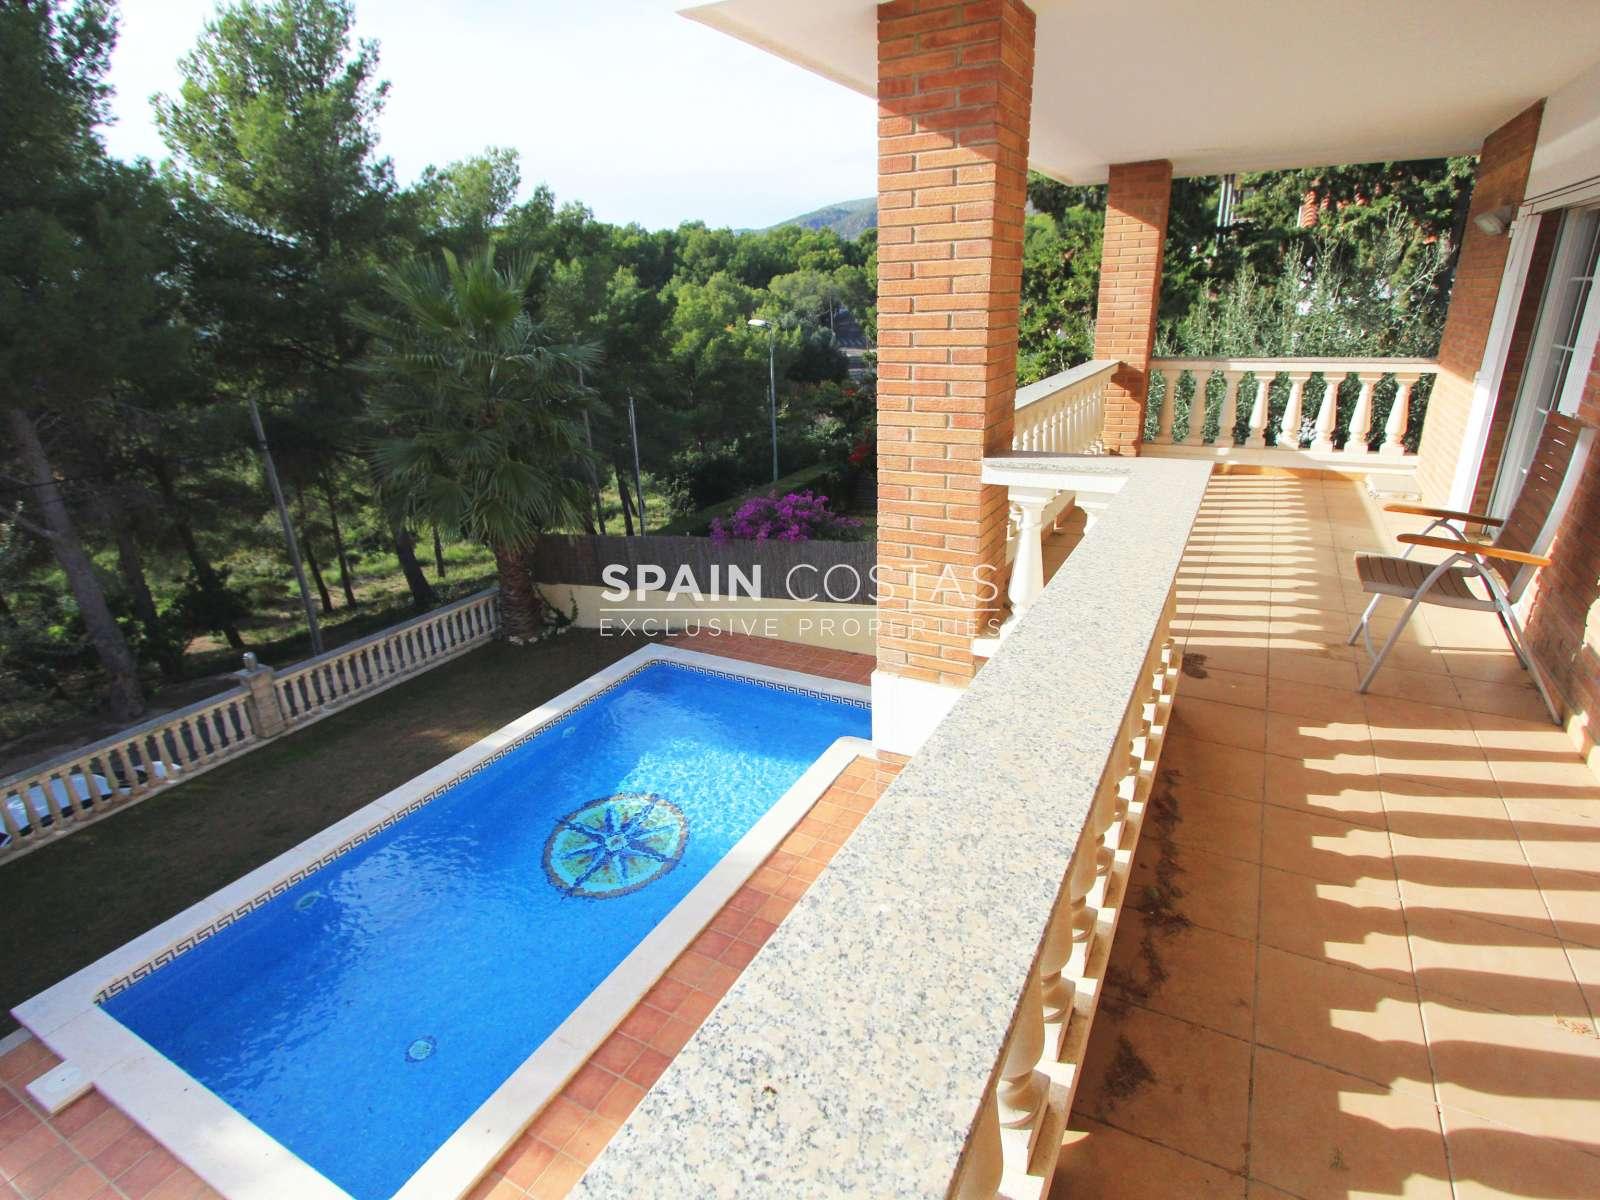 Casa unifamiliar con piscina en castelldefels for Piscina castelldefels